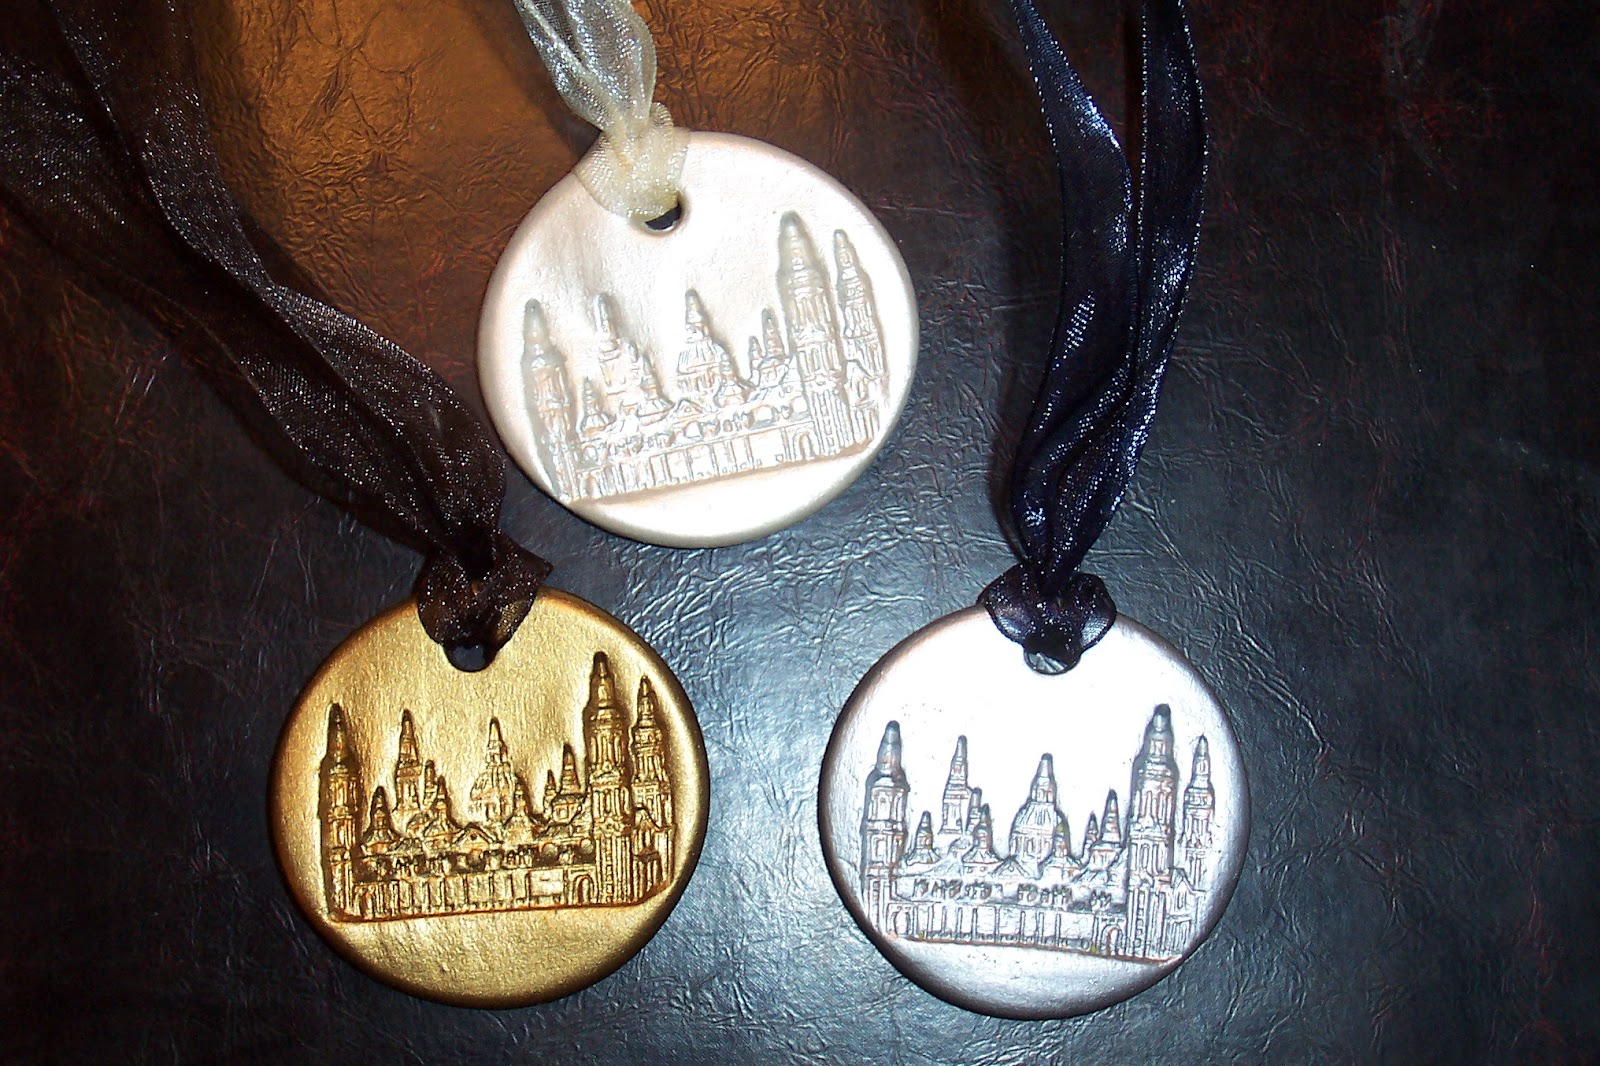 Aamedallitas aa modelos for Ideas para colgar medallas